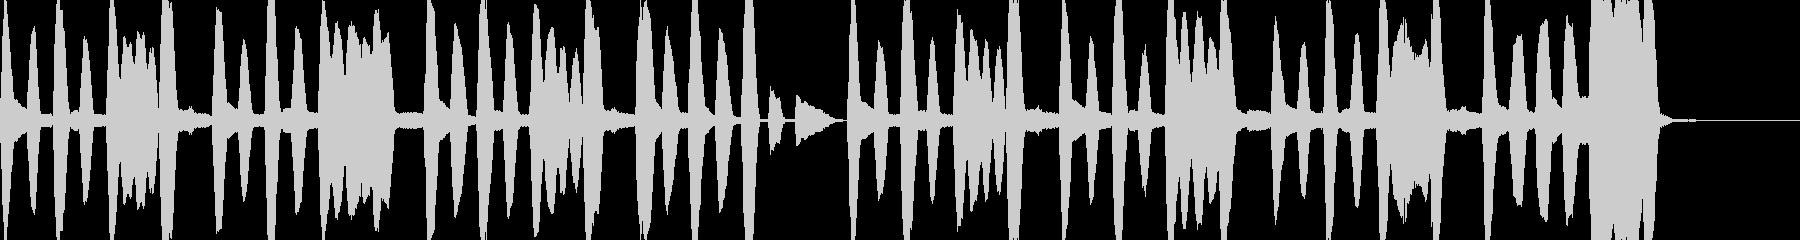 ものを作る場面などにほのぼの使えそうなBの未再生の波形